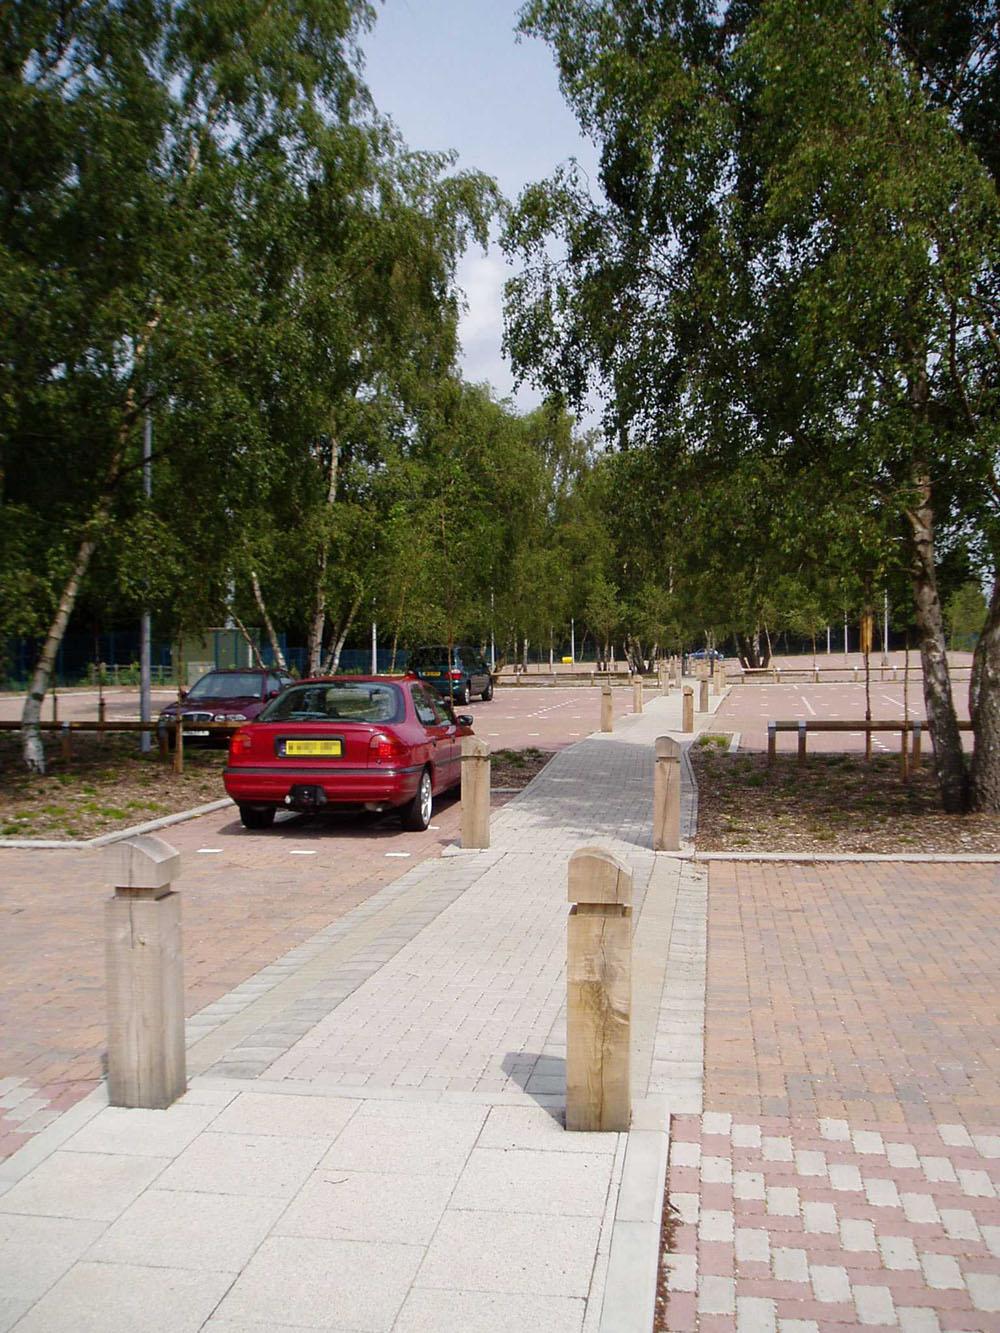 Martlesham_Car_Park_North